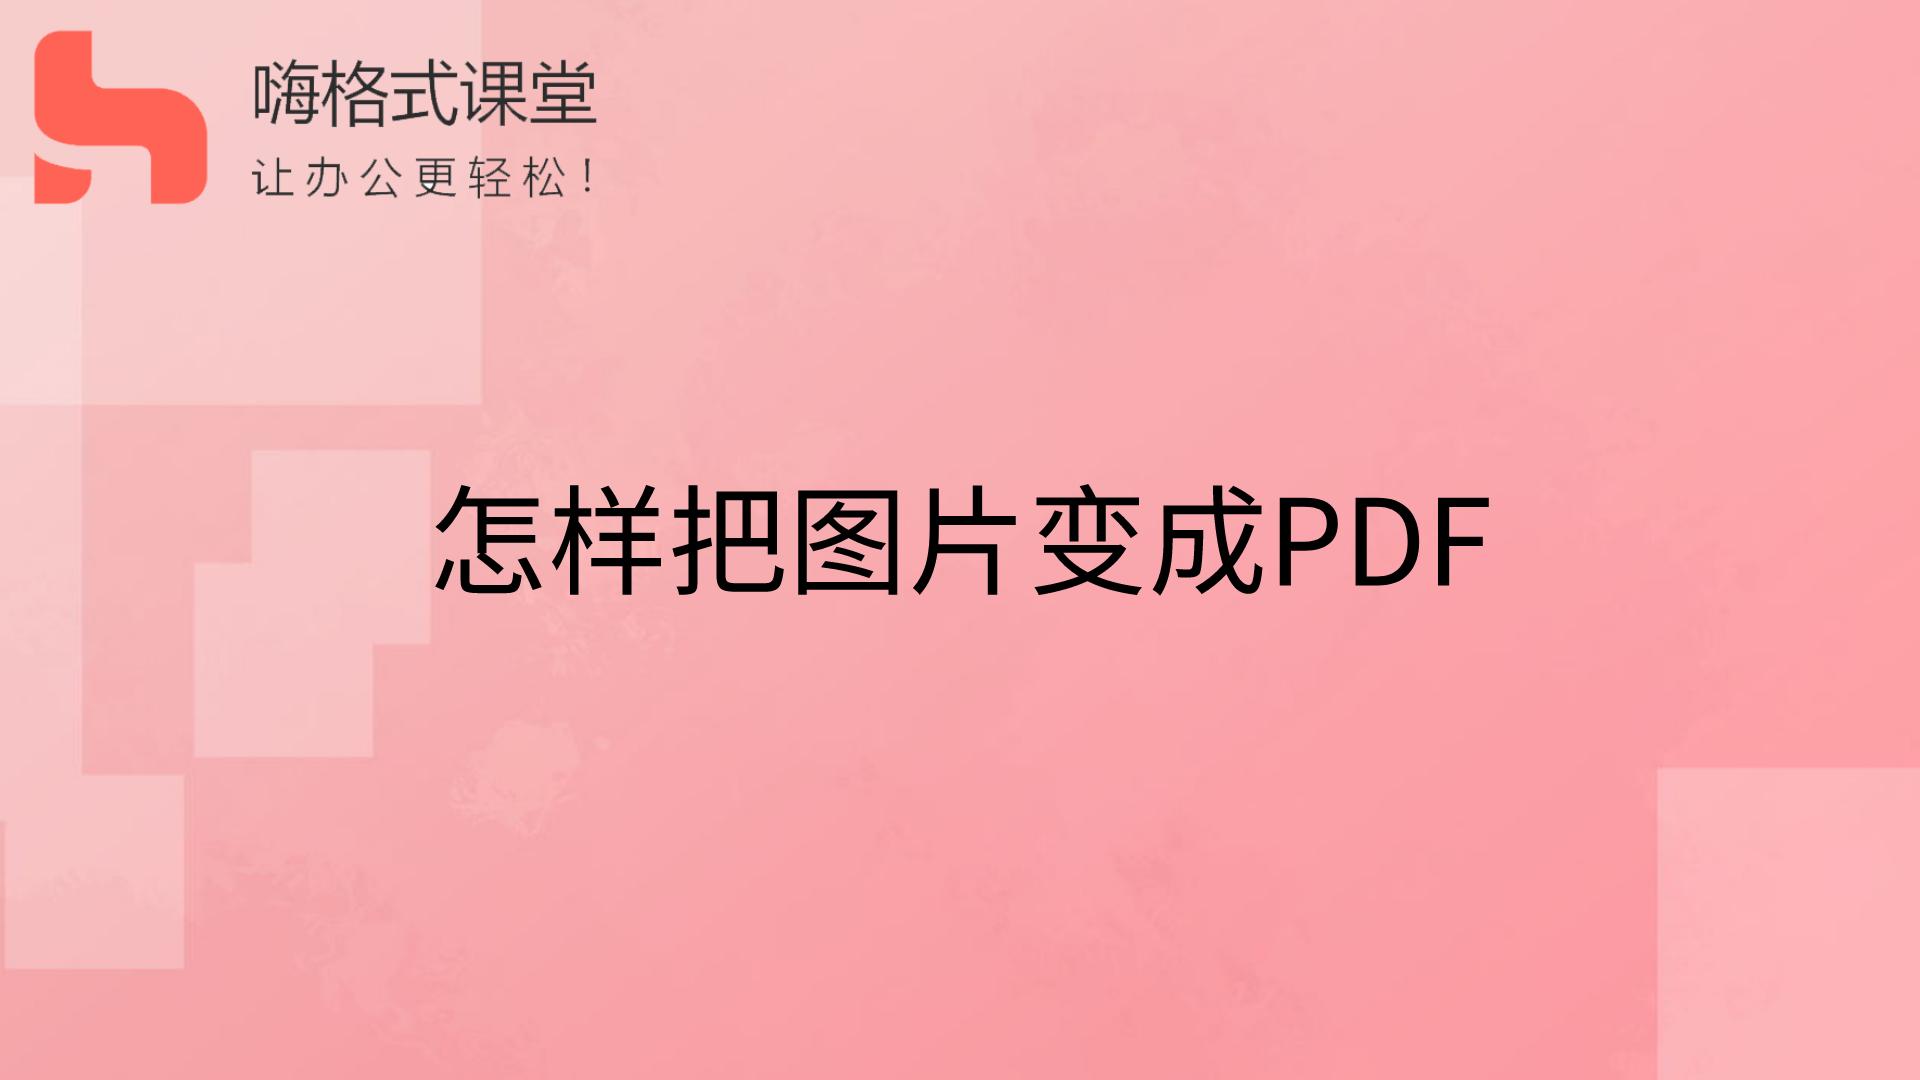 怎样把图片变成PDFs